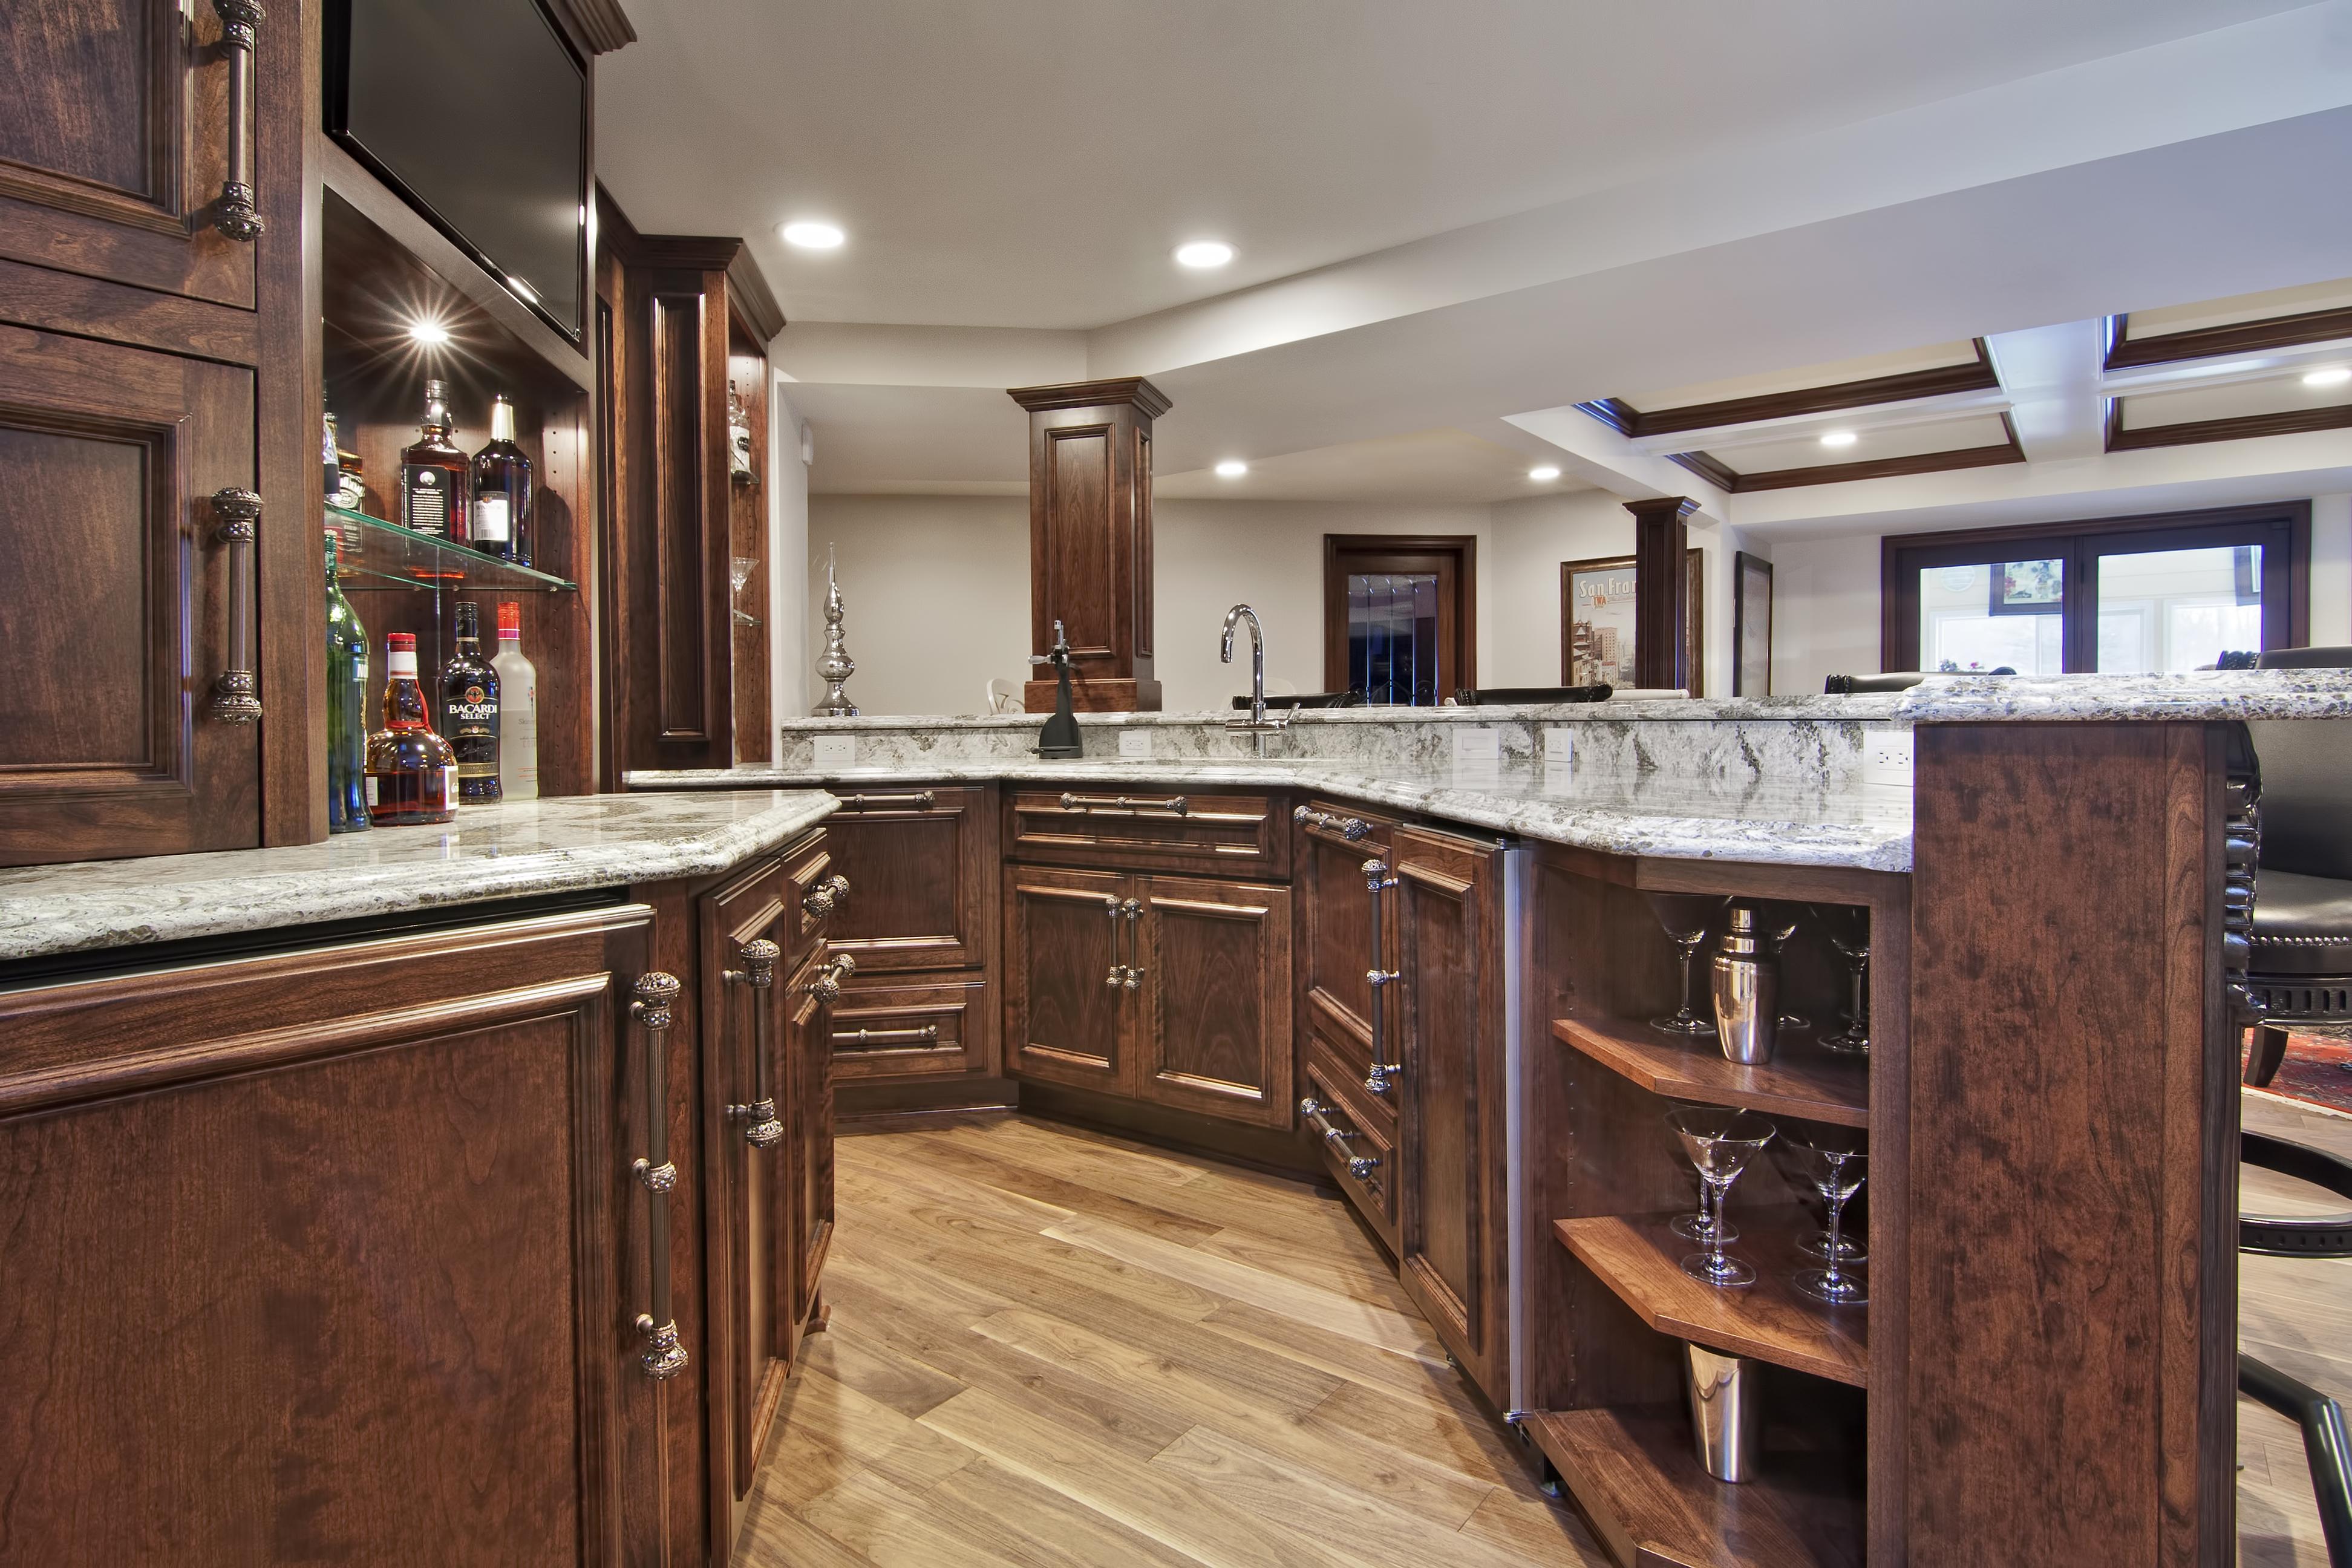 Kitchen remodeling services - James Barton Design-Build